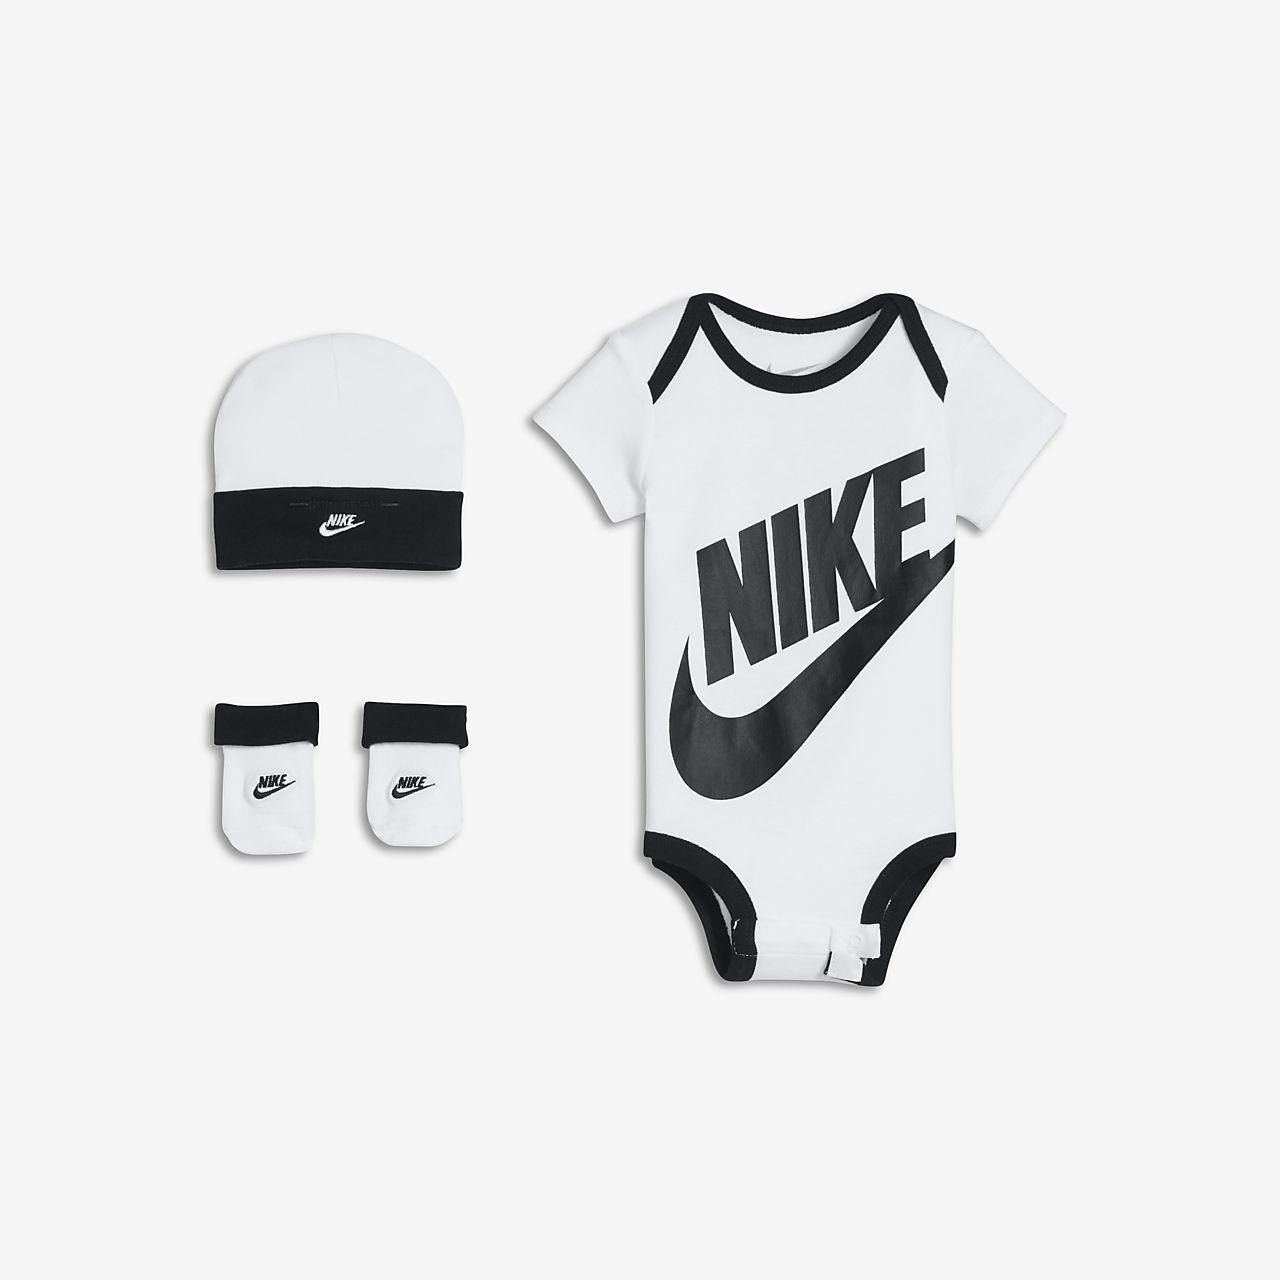 Σετ τριών τεμαχίων Nike για βρέφη (0-6M)